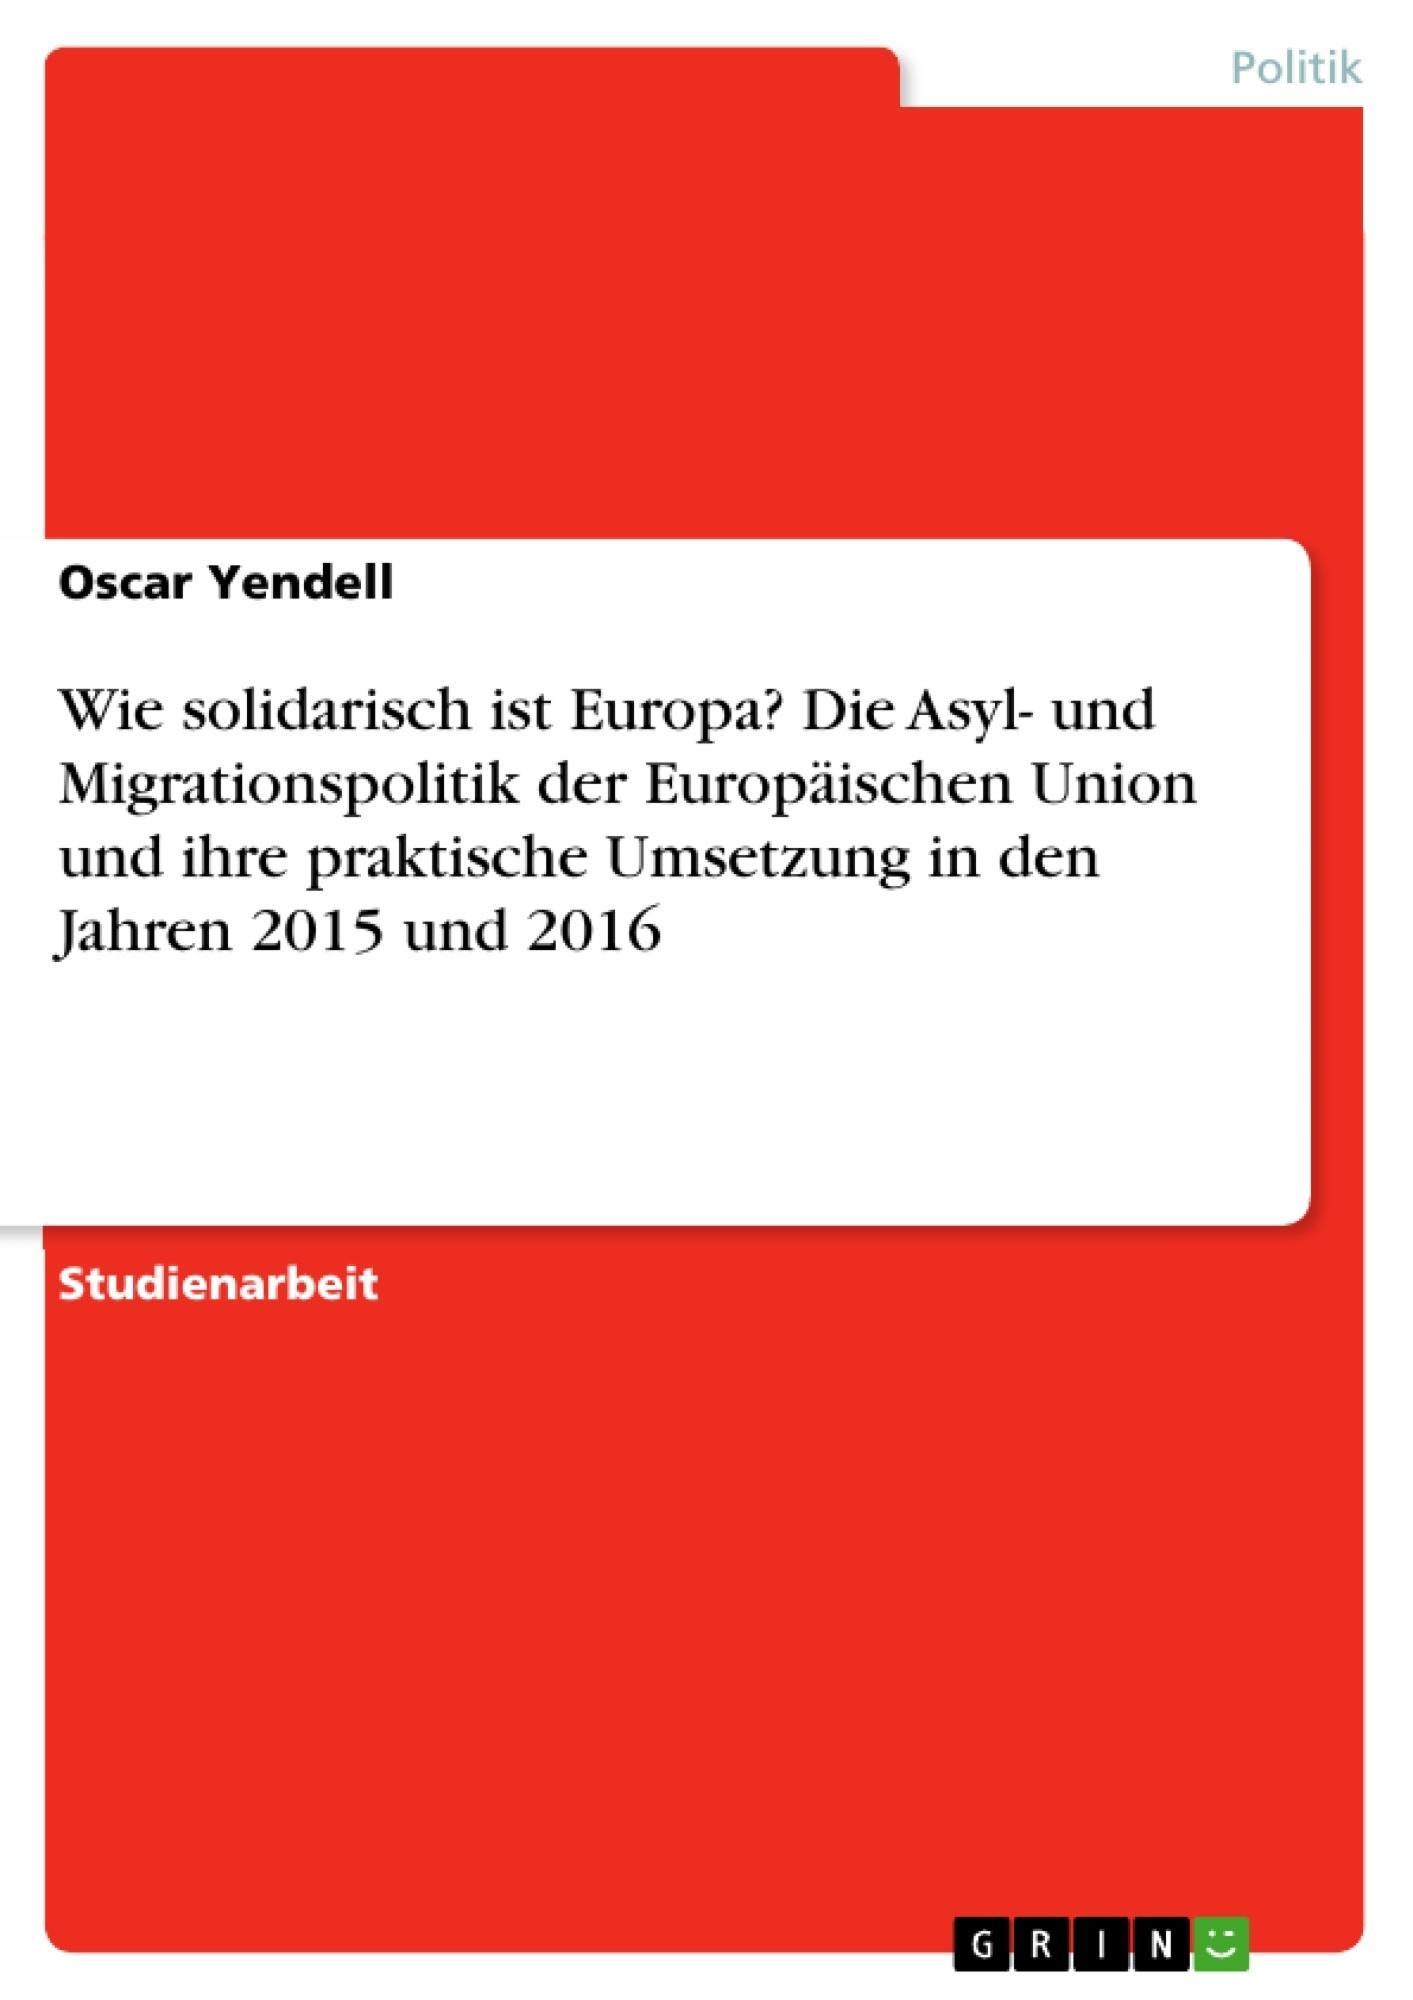 Titel: Wie solidarisch ist Europa? Die Asyl- und Migrationspolitik der Europäischen Union und ihre praktische Umsetzung in den Jahren 2015 und 2016